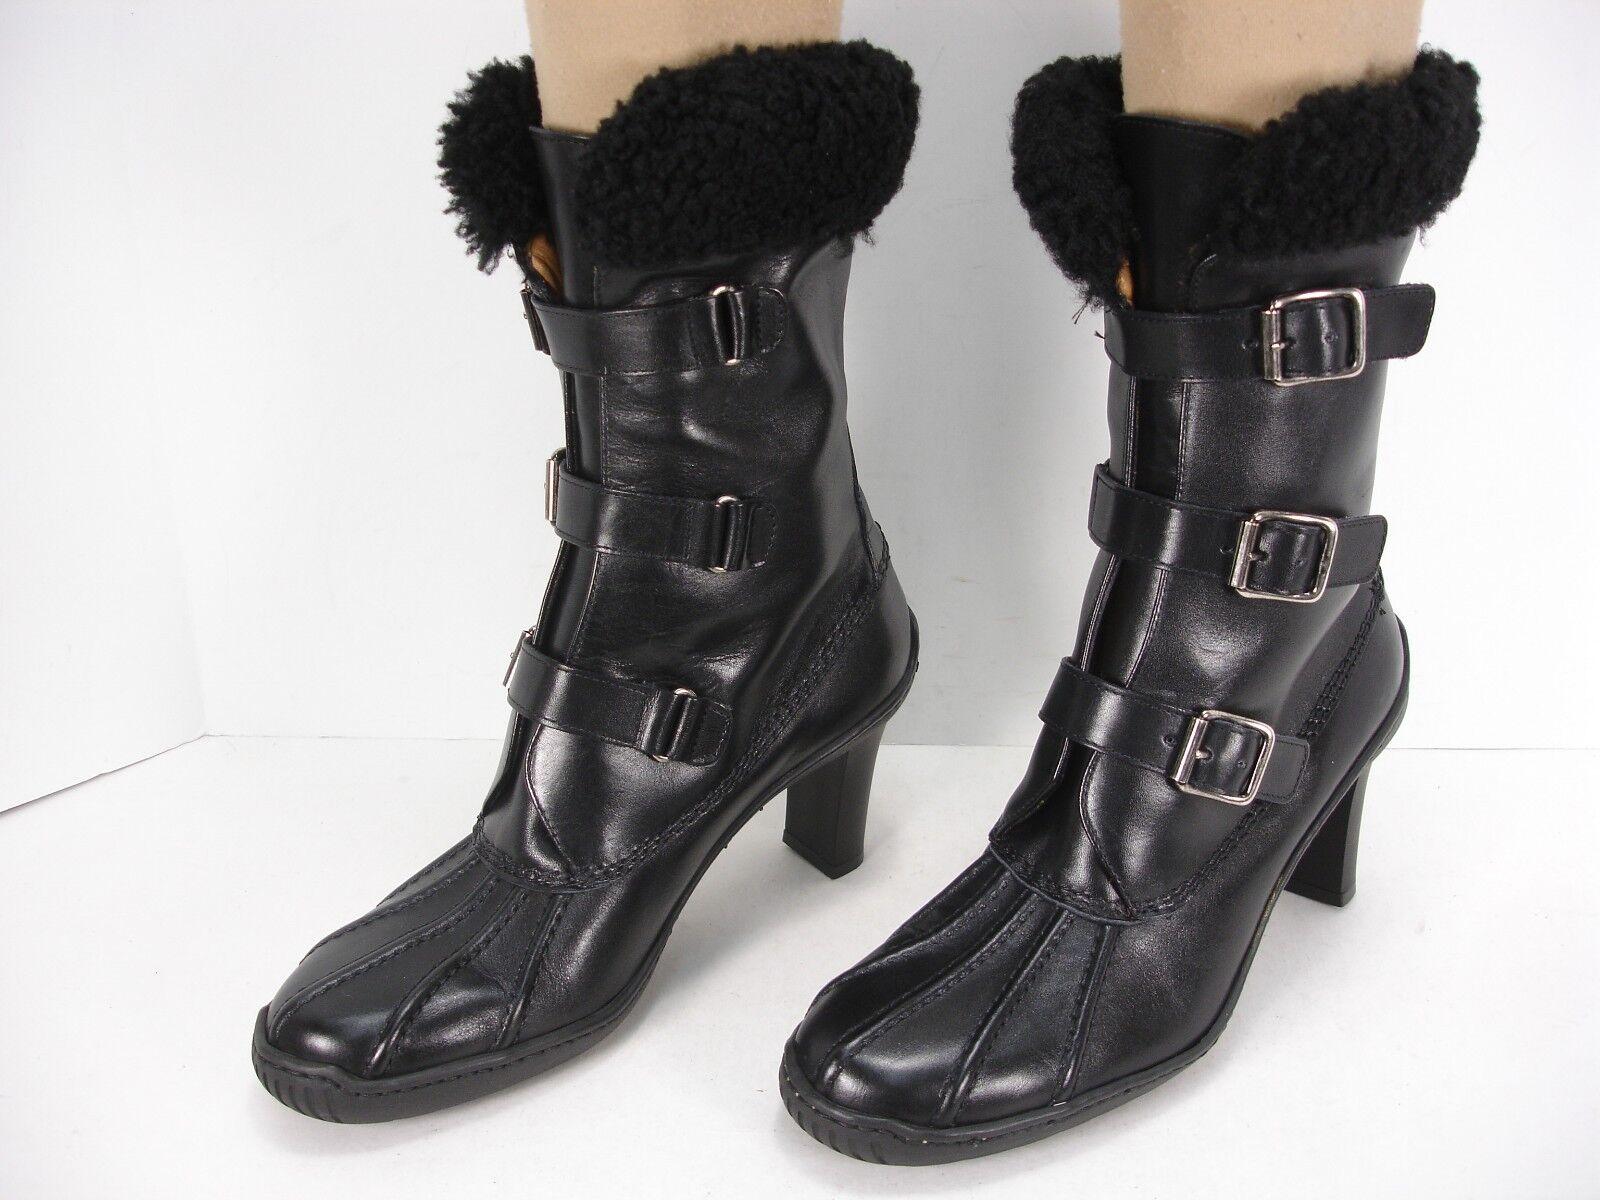 Ralph Lauren Negro Cuero Cuero Cuero Hebilla frontal Tacón Alto botas De Invierno Para Mujer Menta 6 B  hasta un 65% de descuento